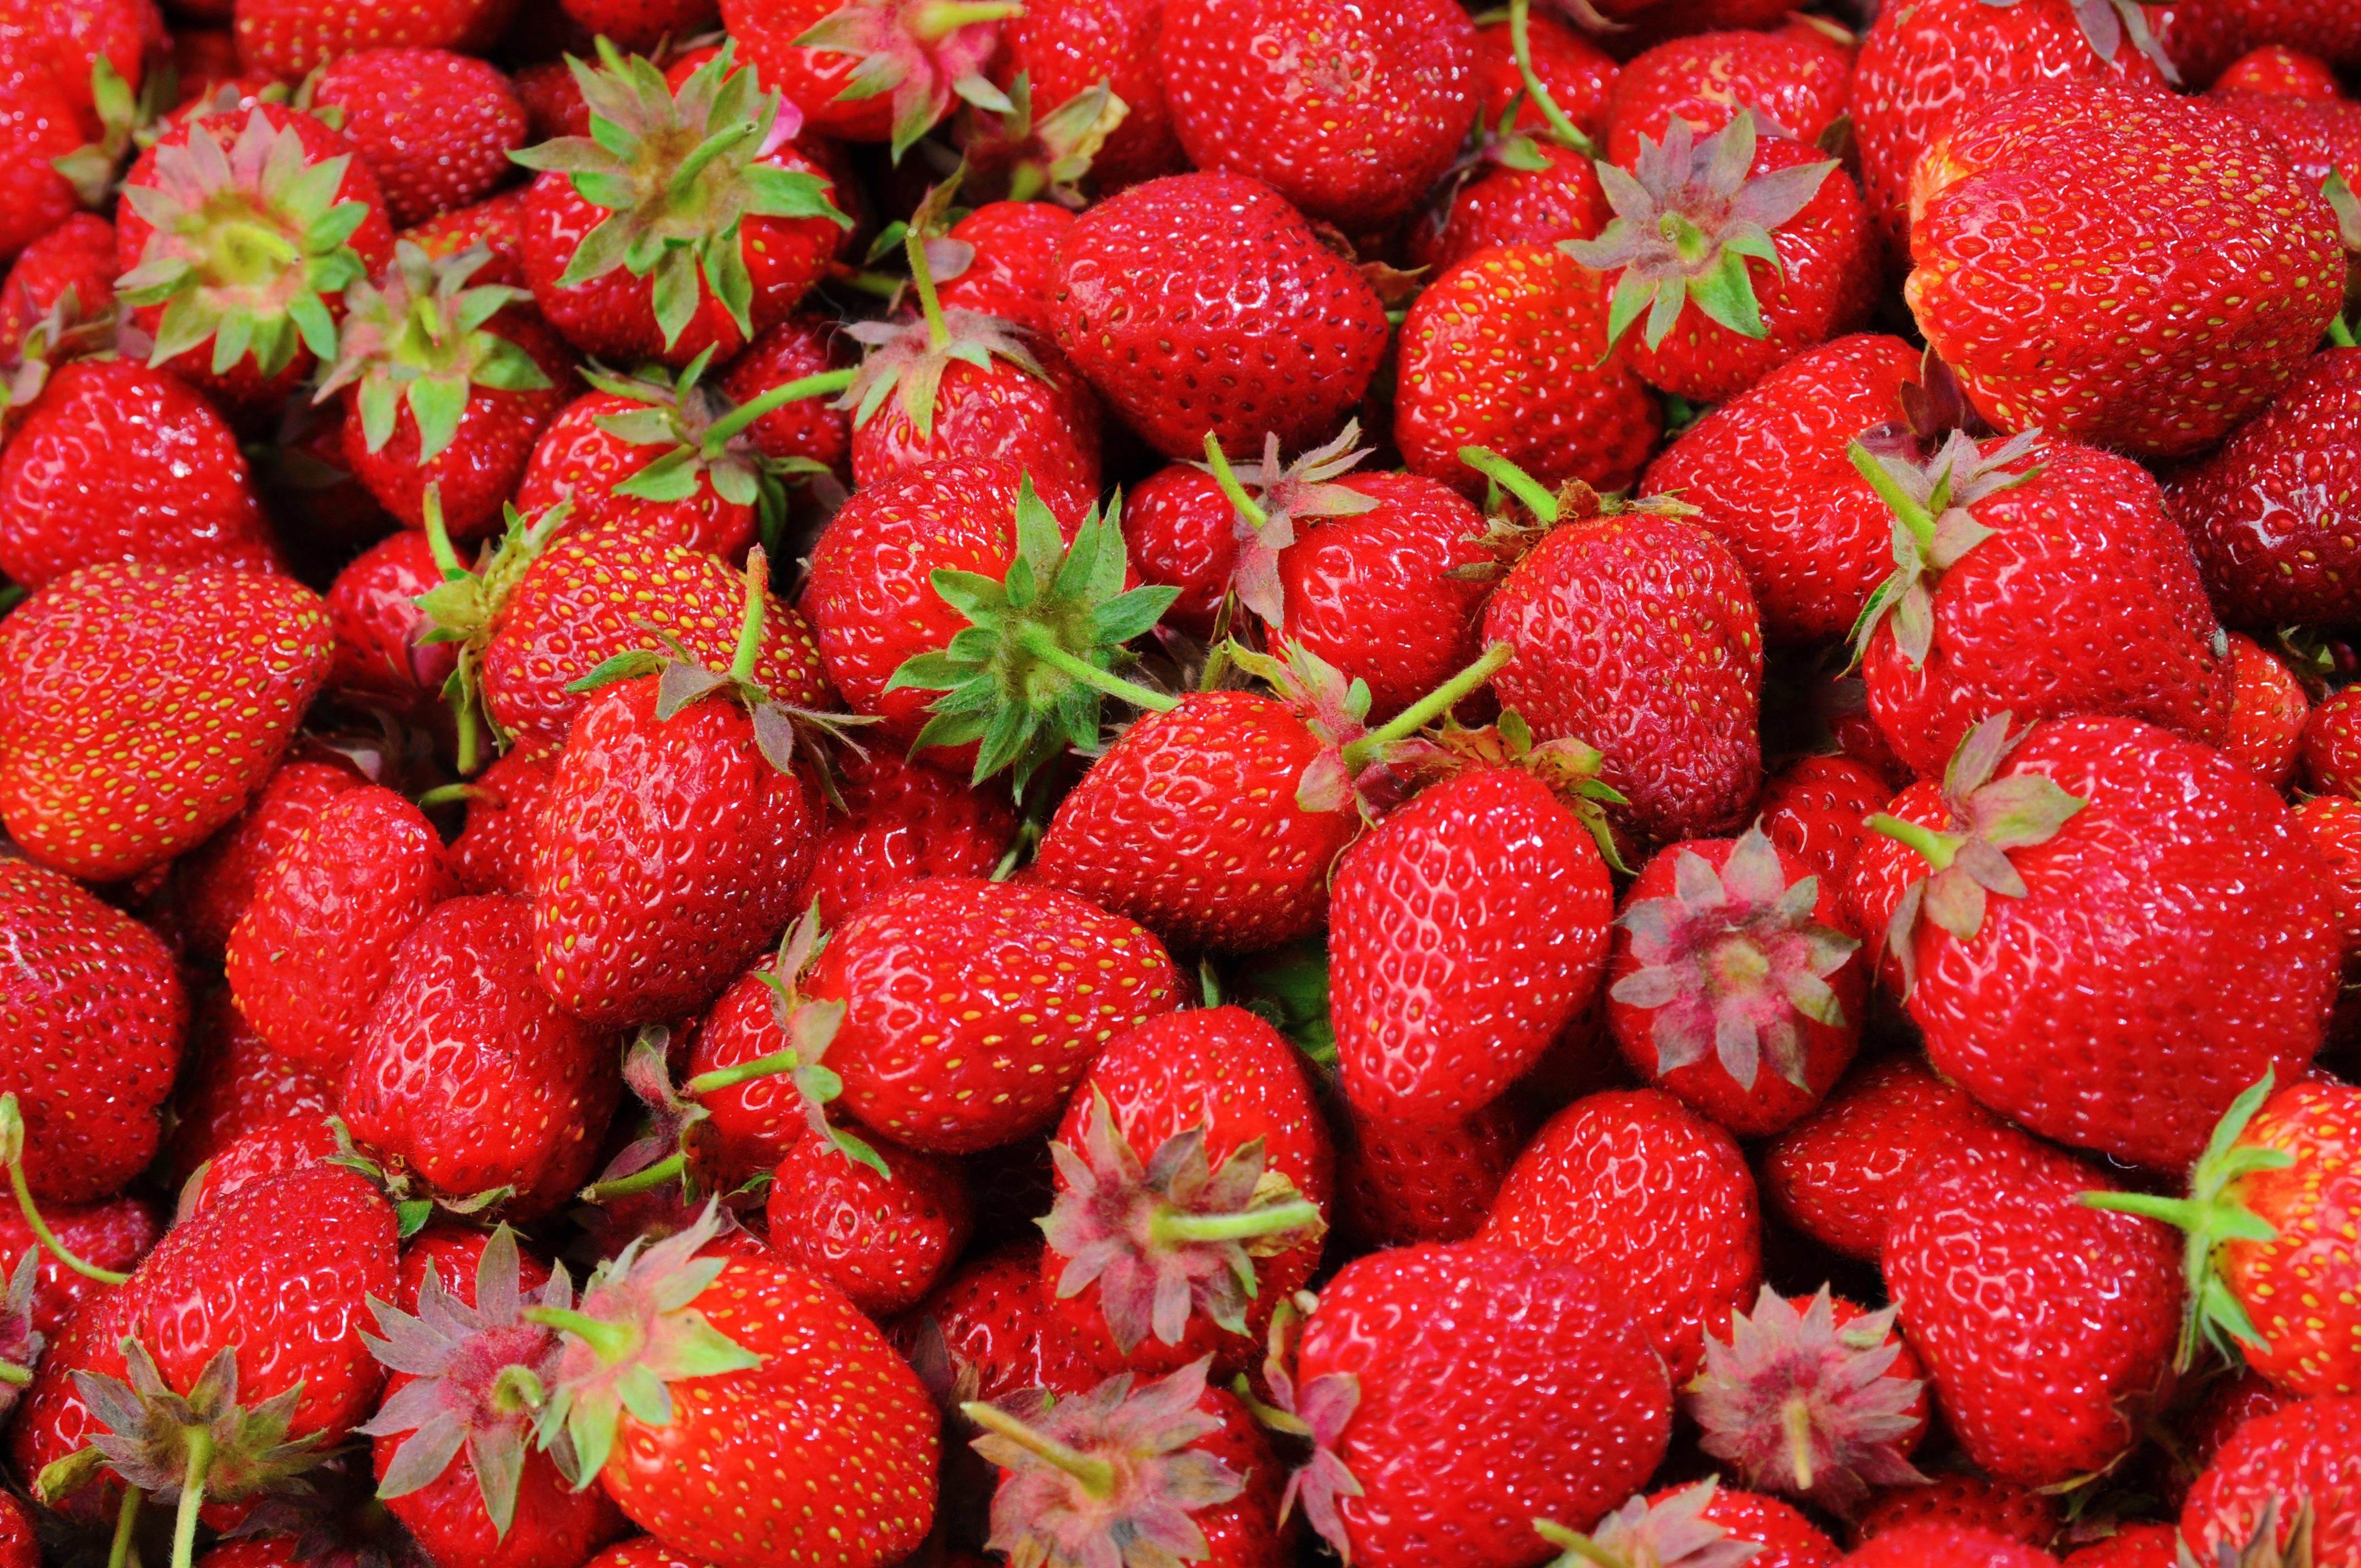 Strawberries Berries Fruit Freshness 46174